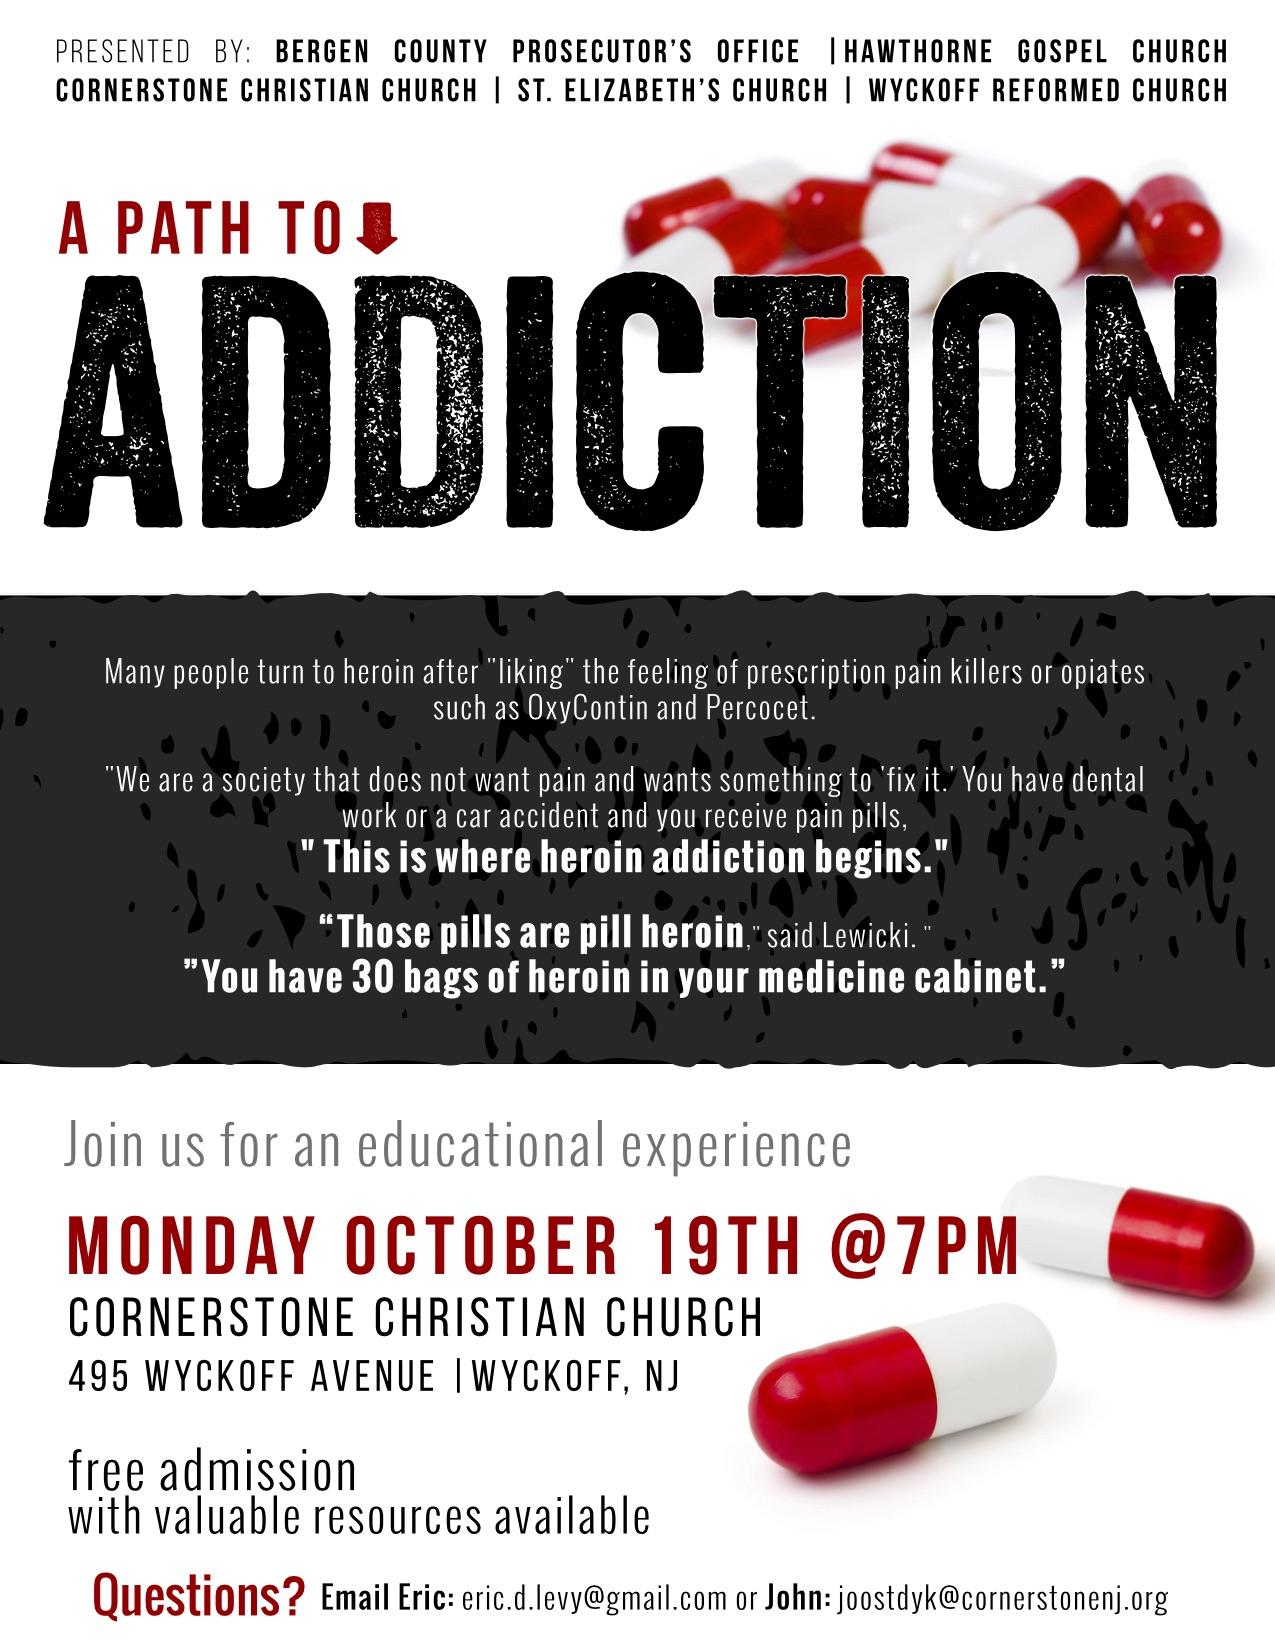 A Path to Addiction — Wyckoff Reformed Church